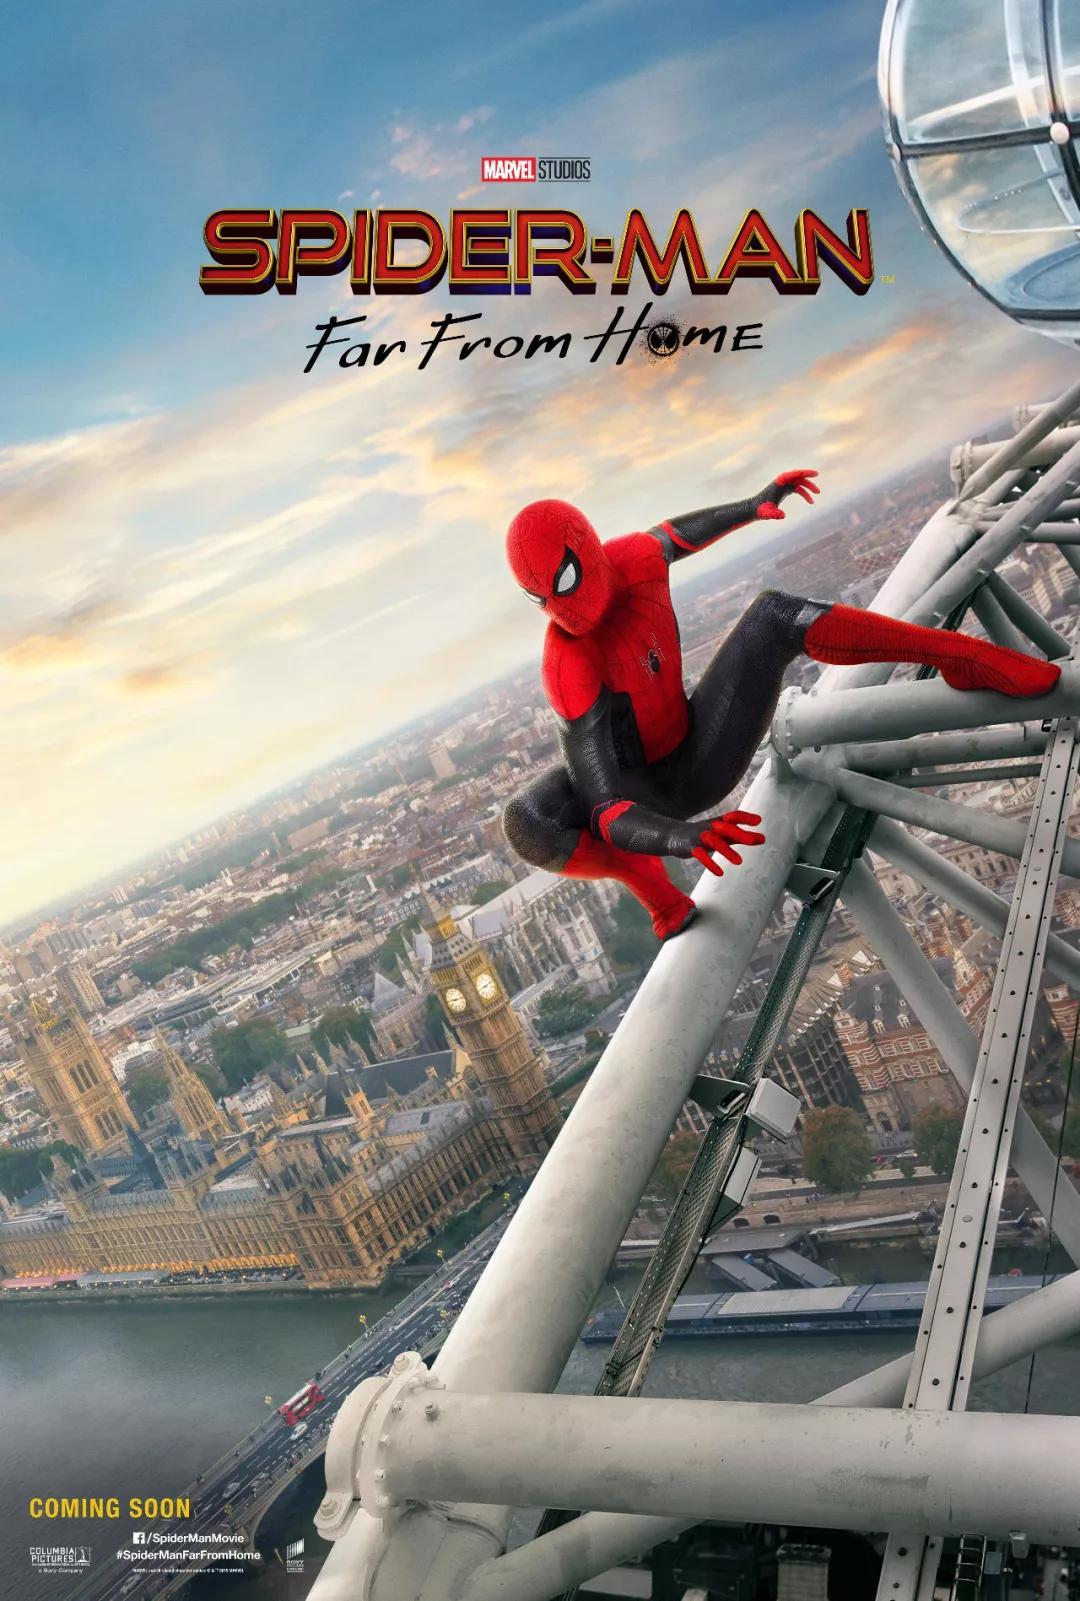 漫威:三代蜘蛛侠对比,战衣明显变化,漫威迷们最喜... _网易新闻